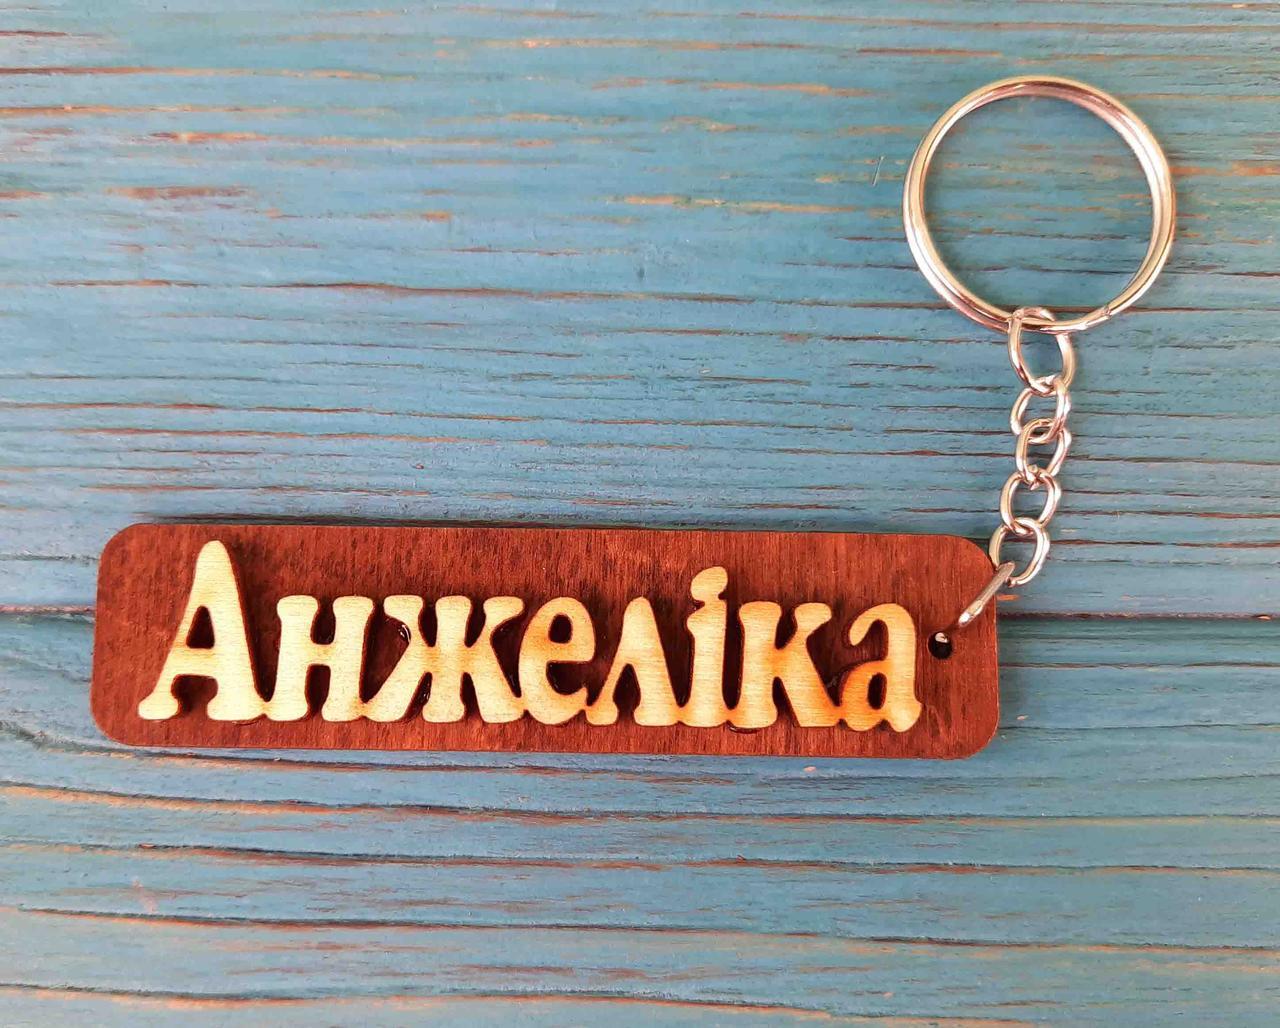 Брелок именной Анжеліка. Брелок с именем Анжеліка. Брелок деревянный. Брелок для ключей. Брелоки с именами